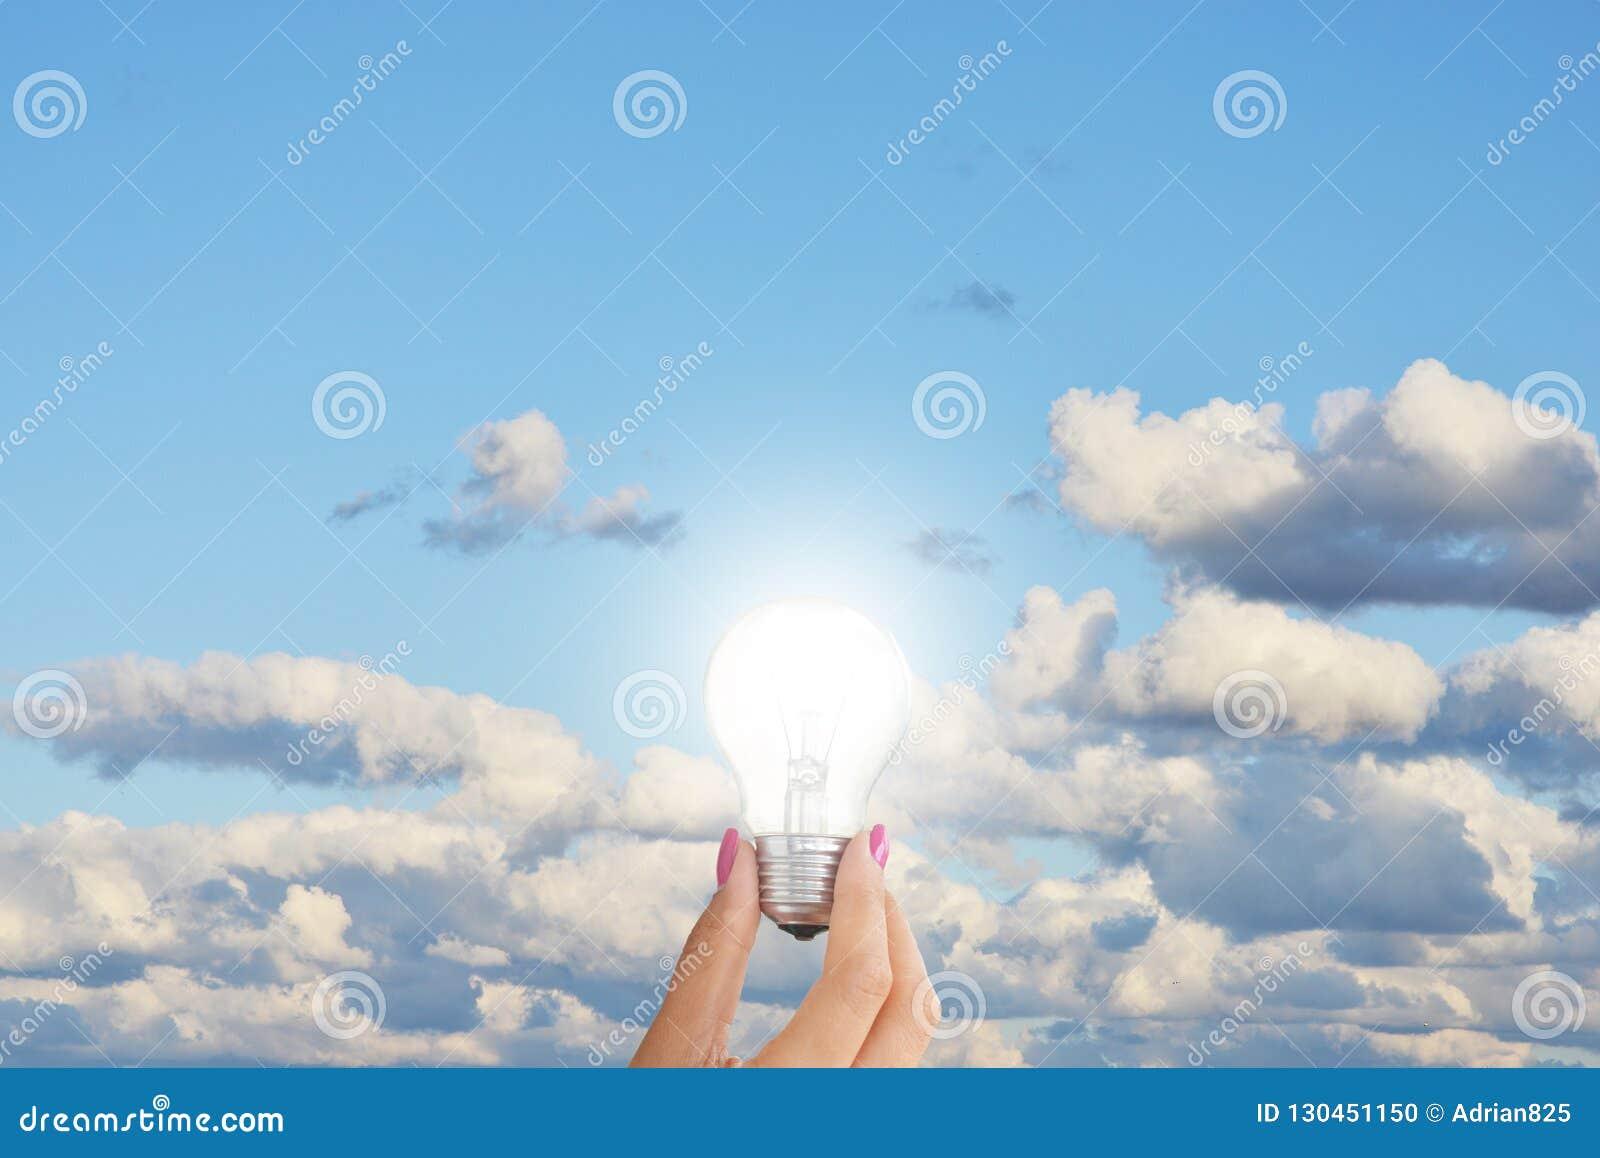 Λάμπα φωτός στο χέρι γυναικών ενάντια στο μπλε ουρανό που προτείνει την έννοια δημιουργικότητας